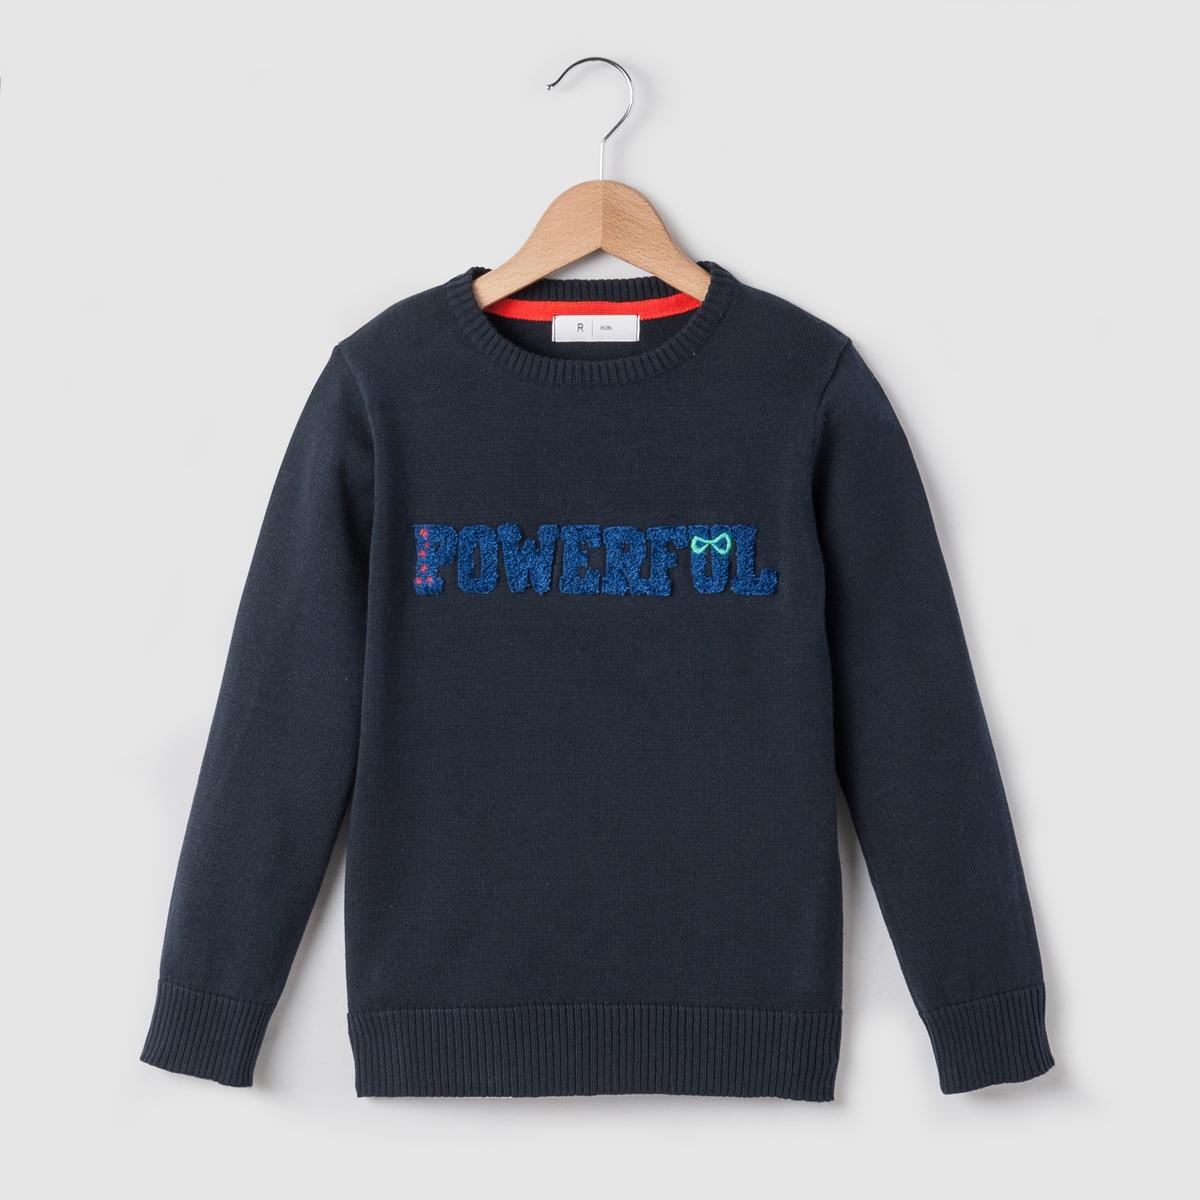 Пуловер с анимацией Powerfull из малой пряжи   3-12 лет